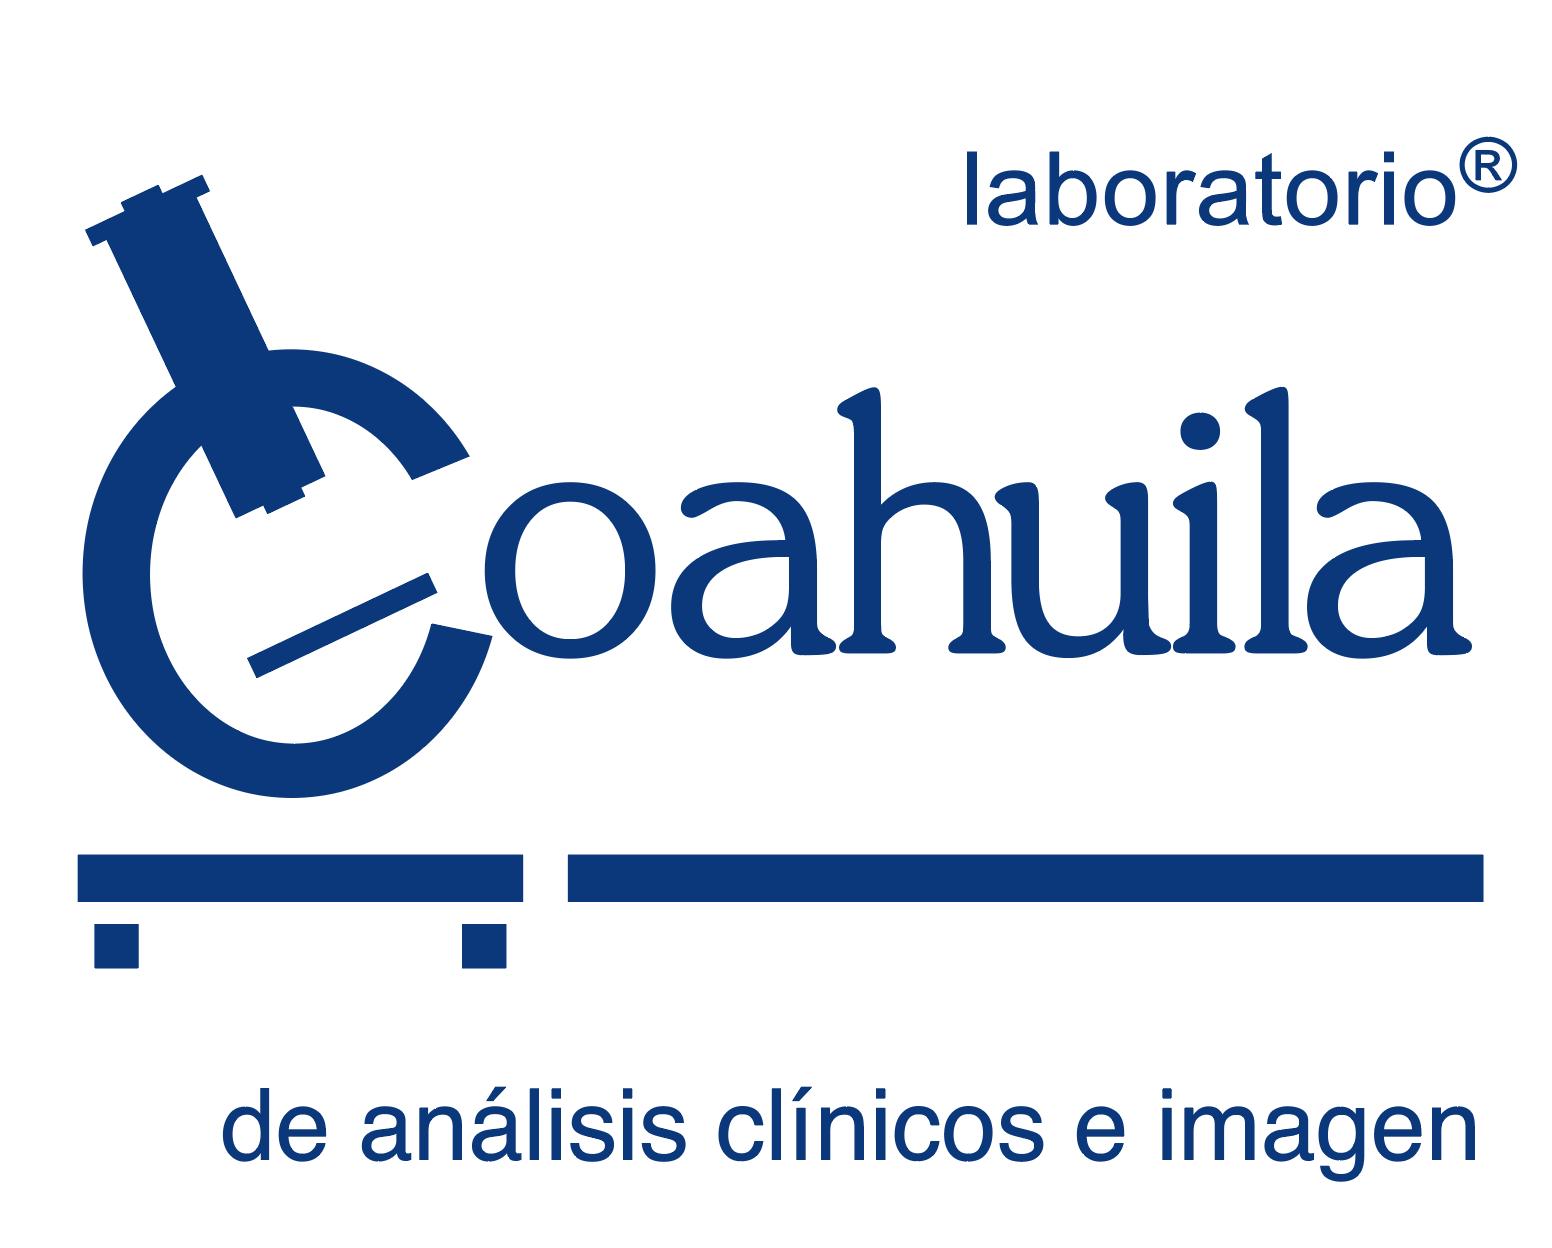 LABORATORIO COAHUILA